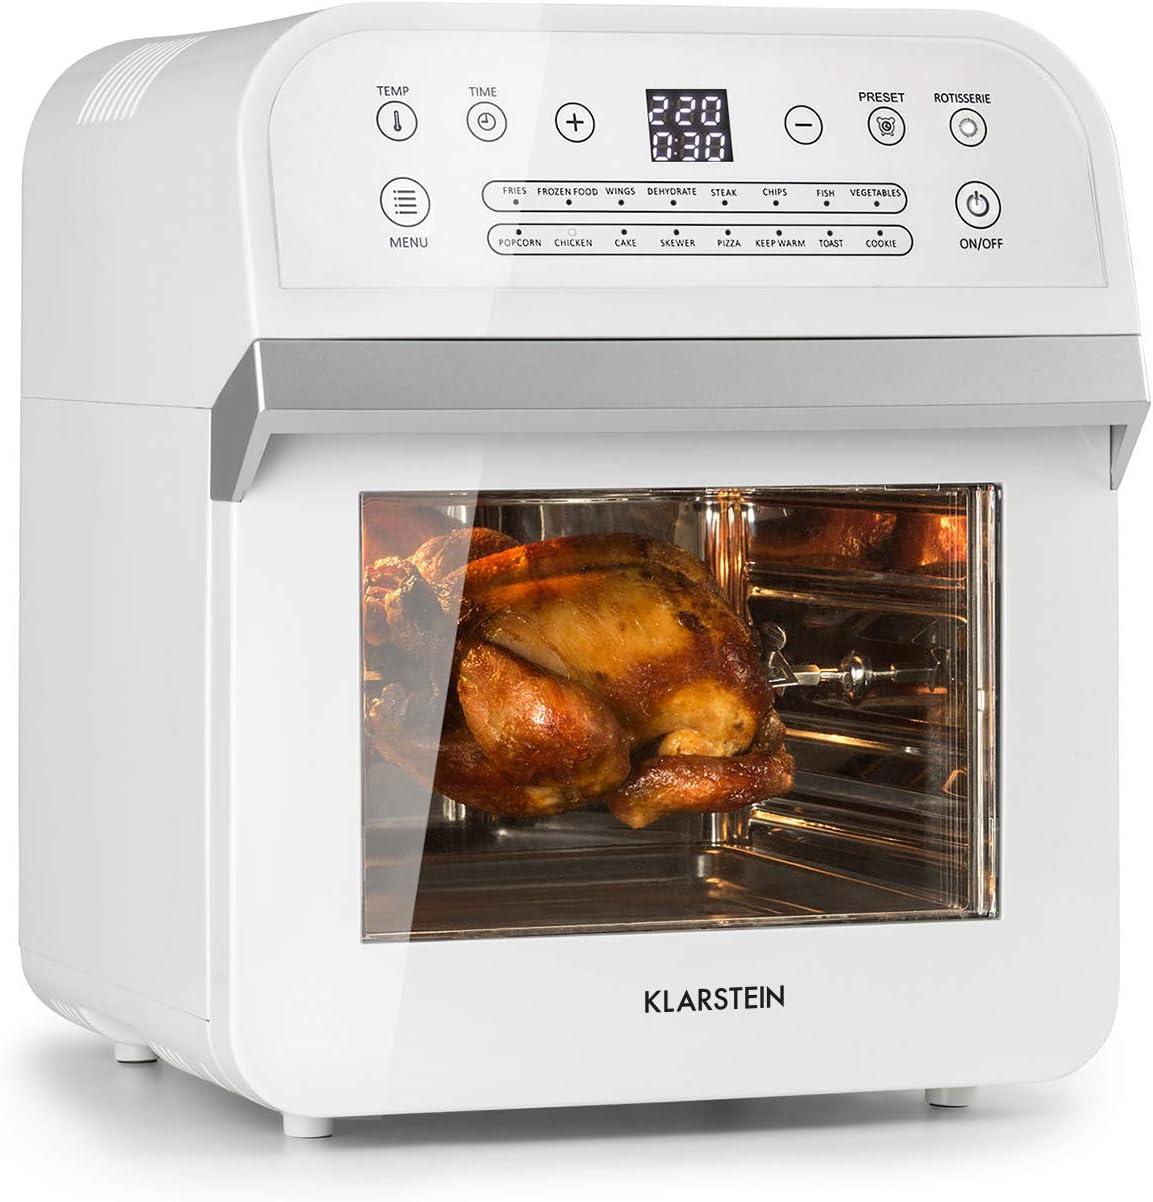 Klarstein AeroVital Cube Freidora de aire caliente - Sistema 3D Heating: 1600 W de potencia, 12 litros, 16 programas, Tecnología Highspeed-convection, Programable, 50 a 230 °C, 5 piezas, Blanco: Amazon.es: Hogar